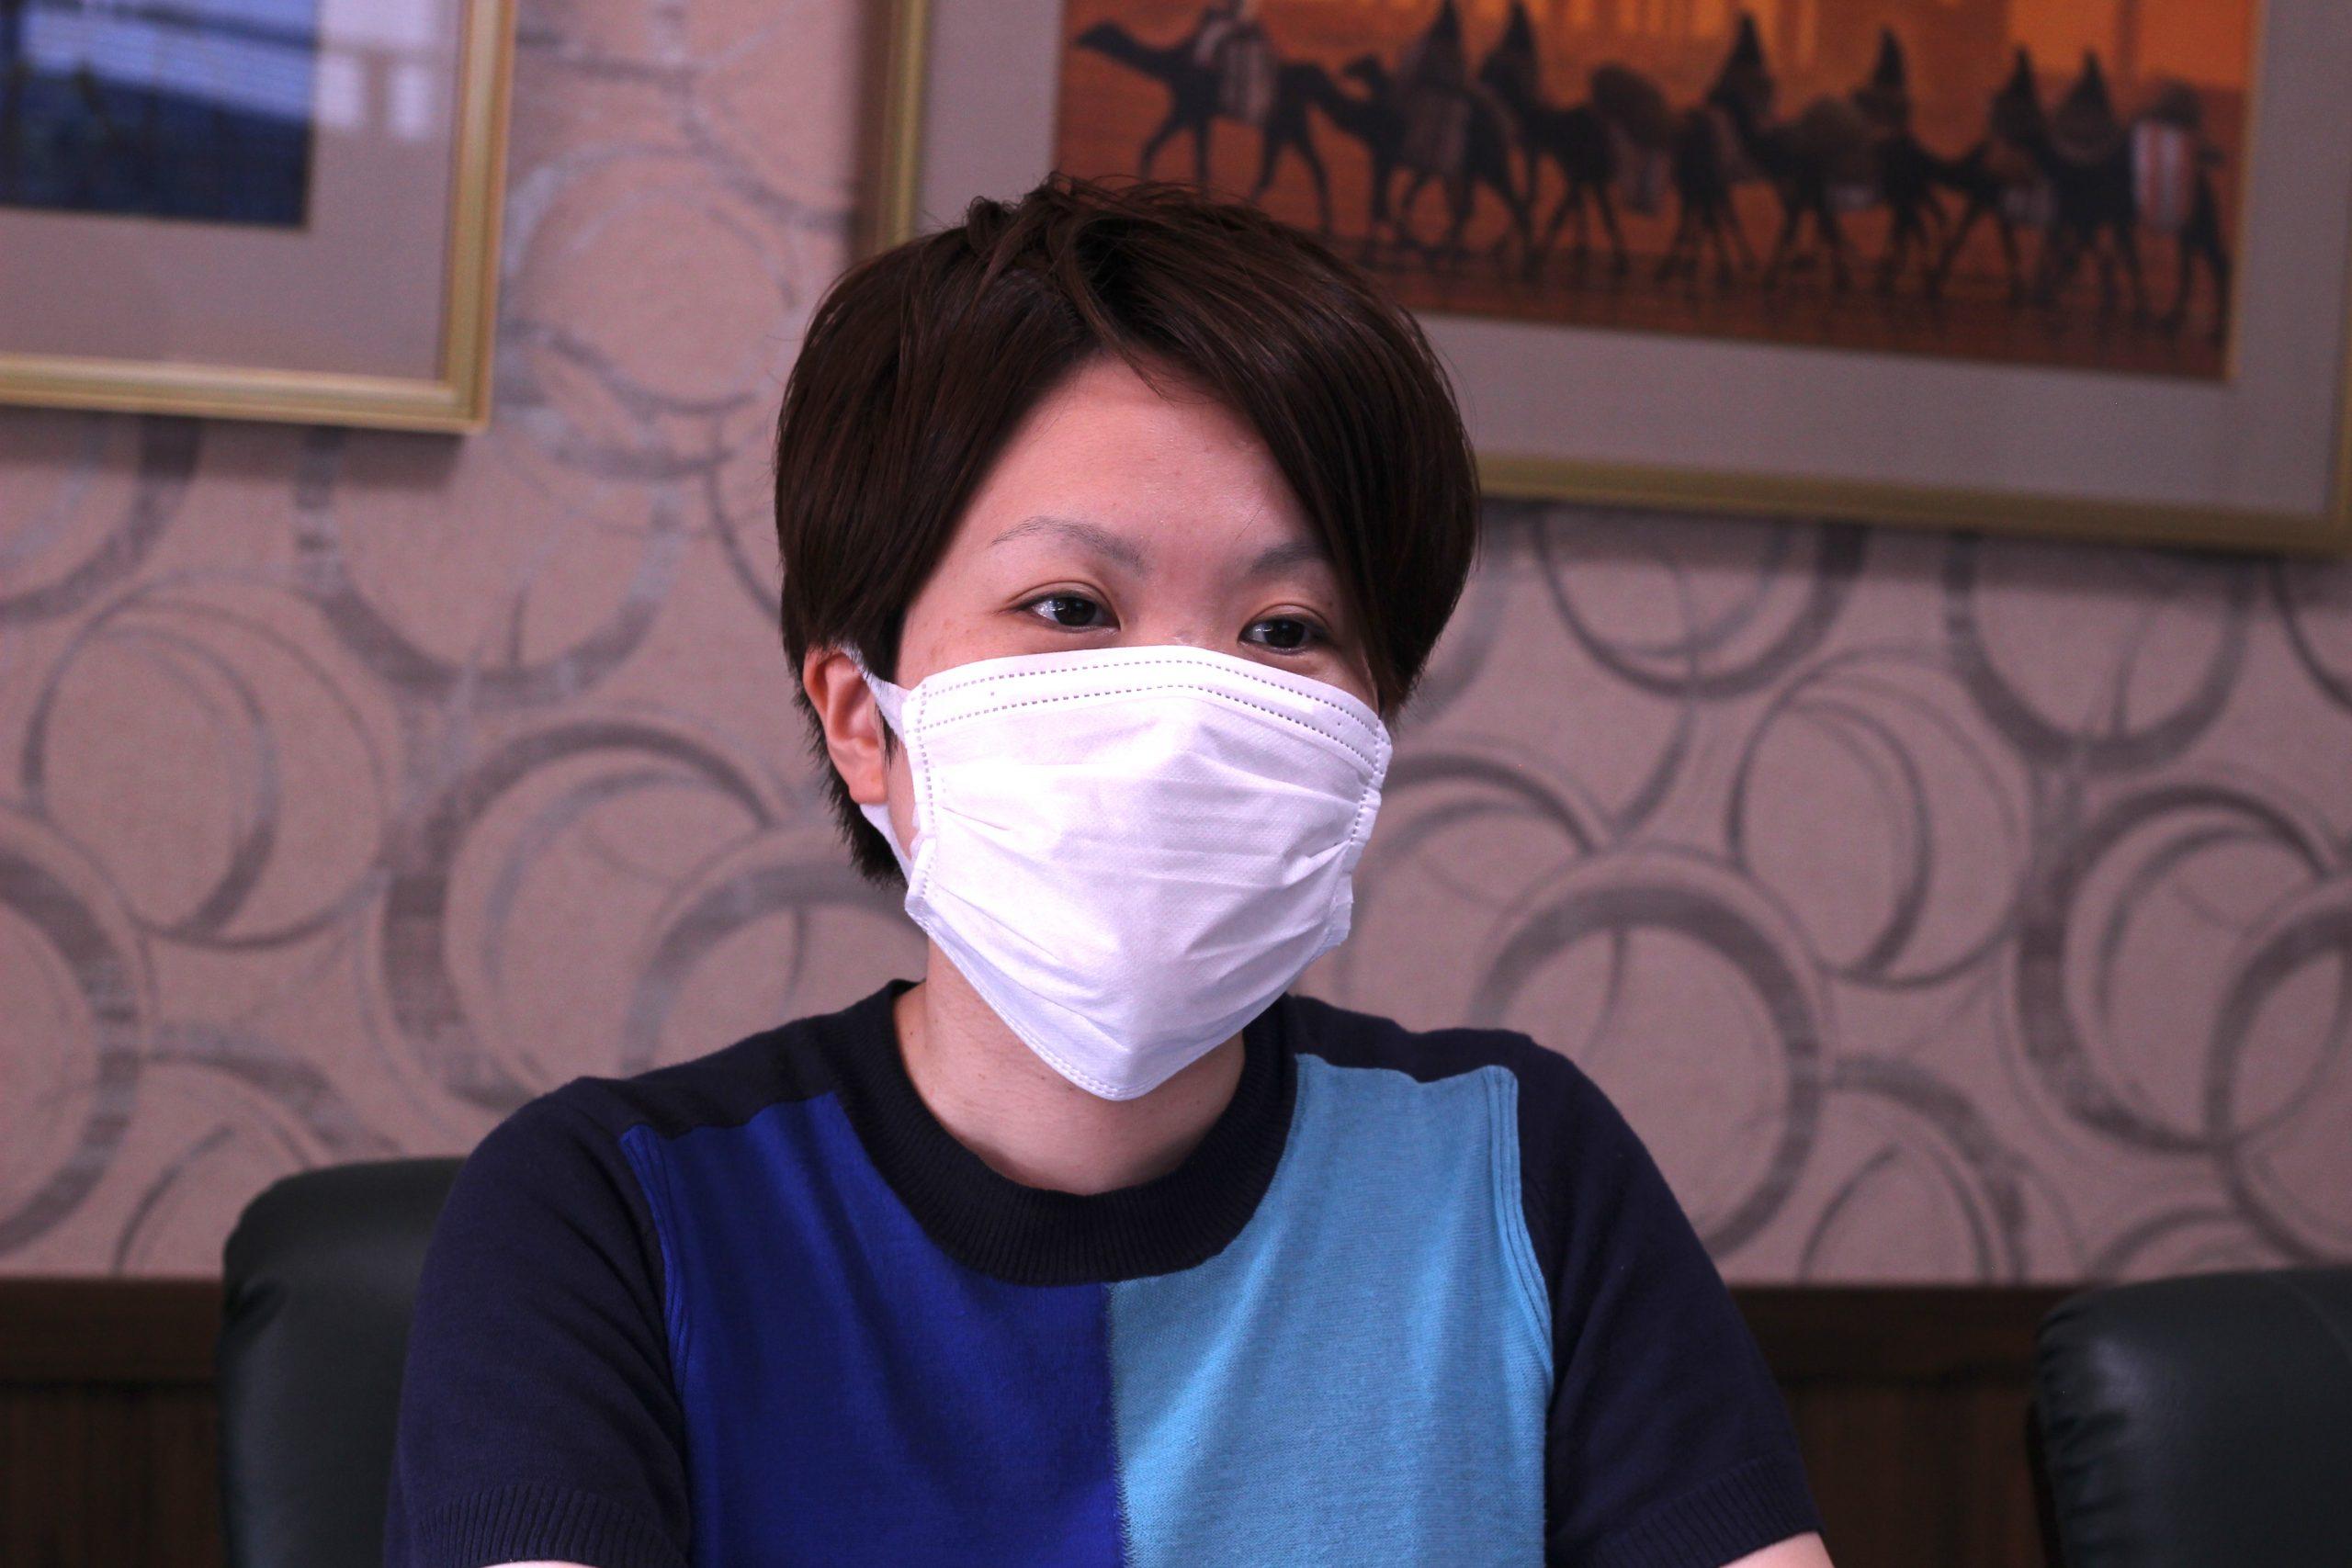 [インタビュー] 弁護士・宮井麻由子さん シンポジウム「性別違和・性別不合があっても安心して暮らせる社会をつくる」を語る